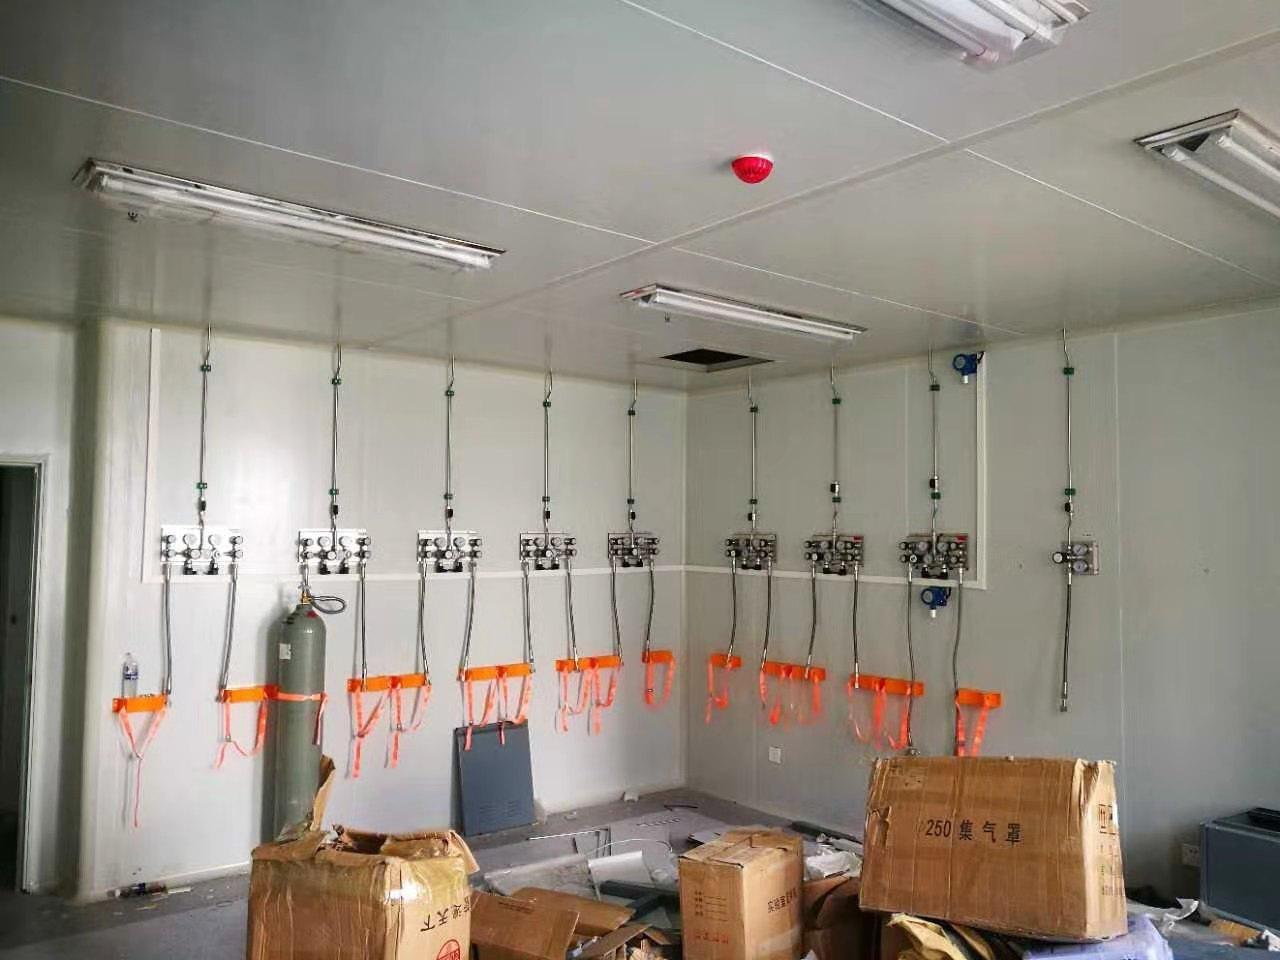 歐杰文內蒙古氣路工程合作巴彥淖爾市農牧系統實驗保障工程客戶